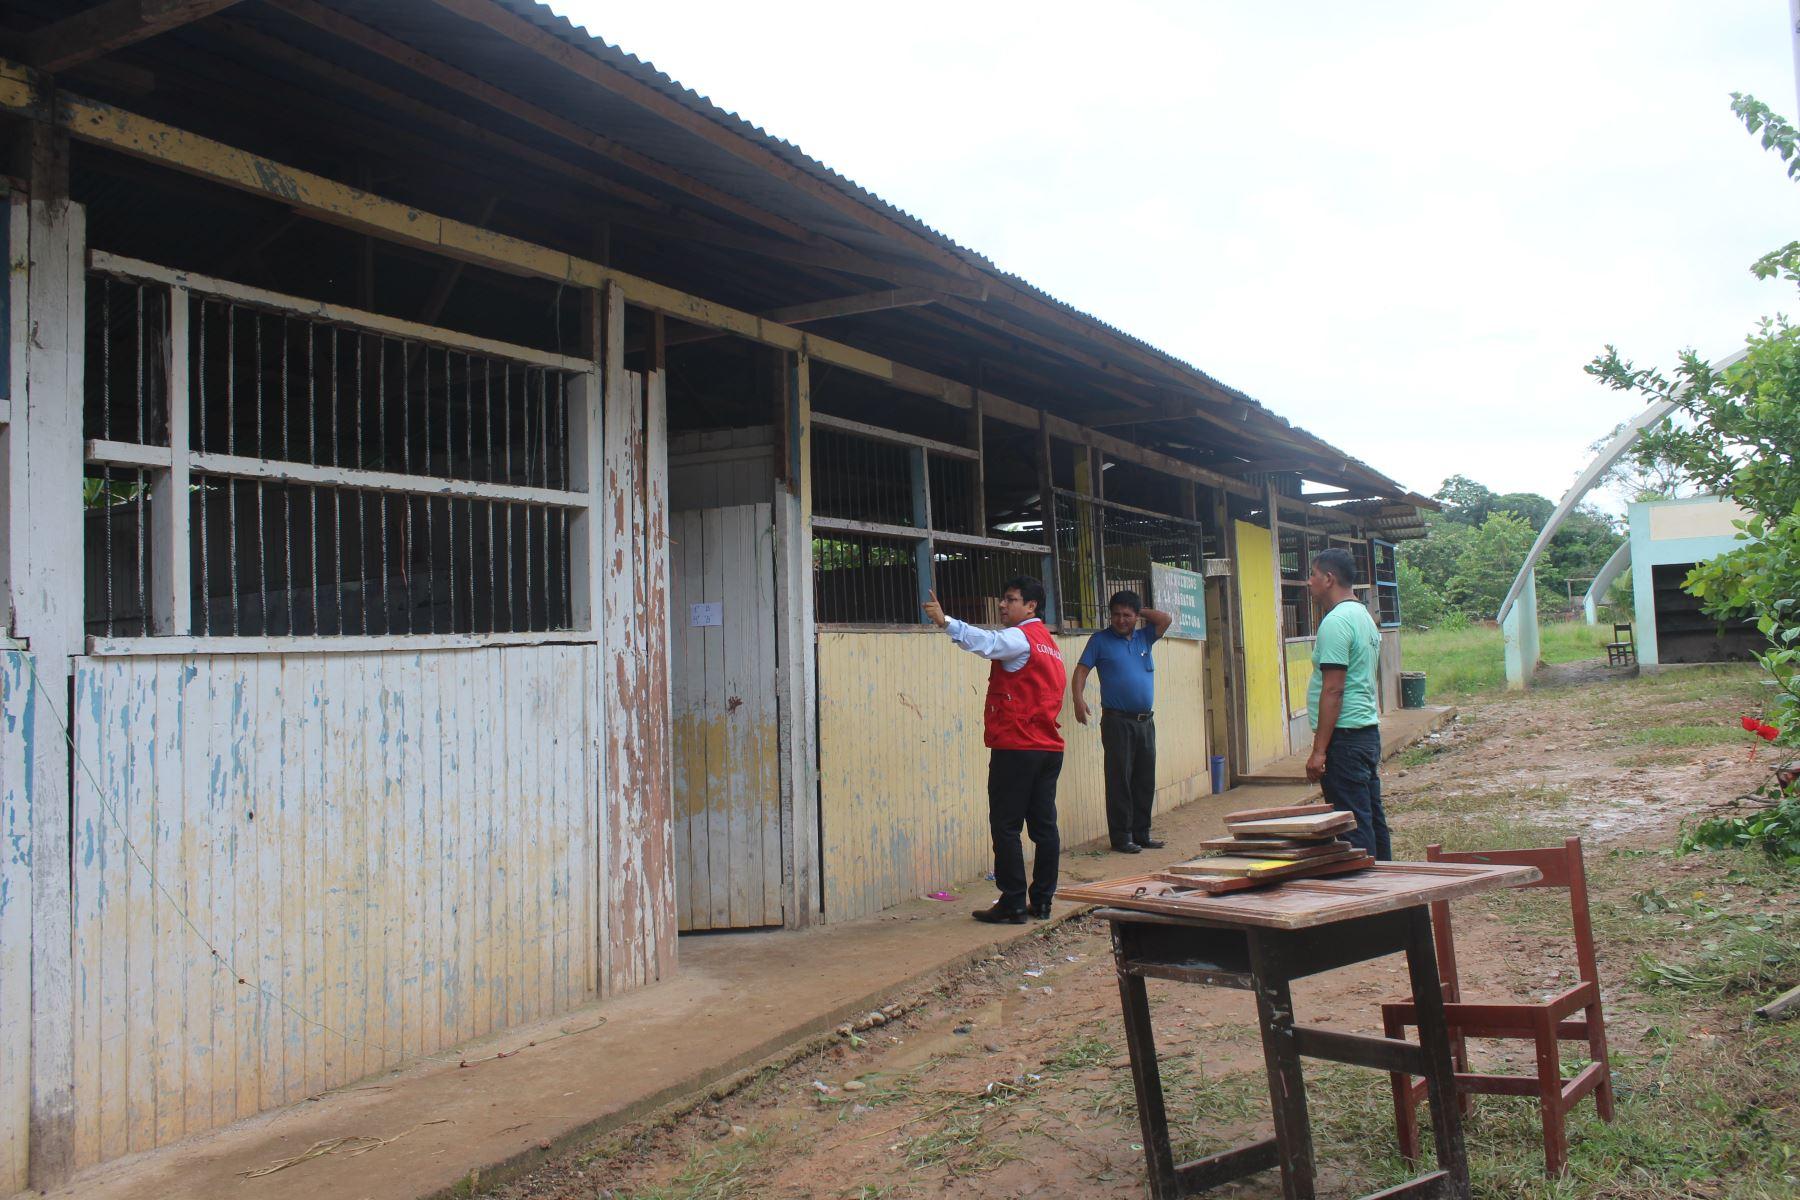 Contraloría identifica aspectos a mejorar en ocho colegios de región Ucayali. ANDINA/Difusión